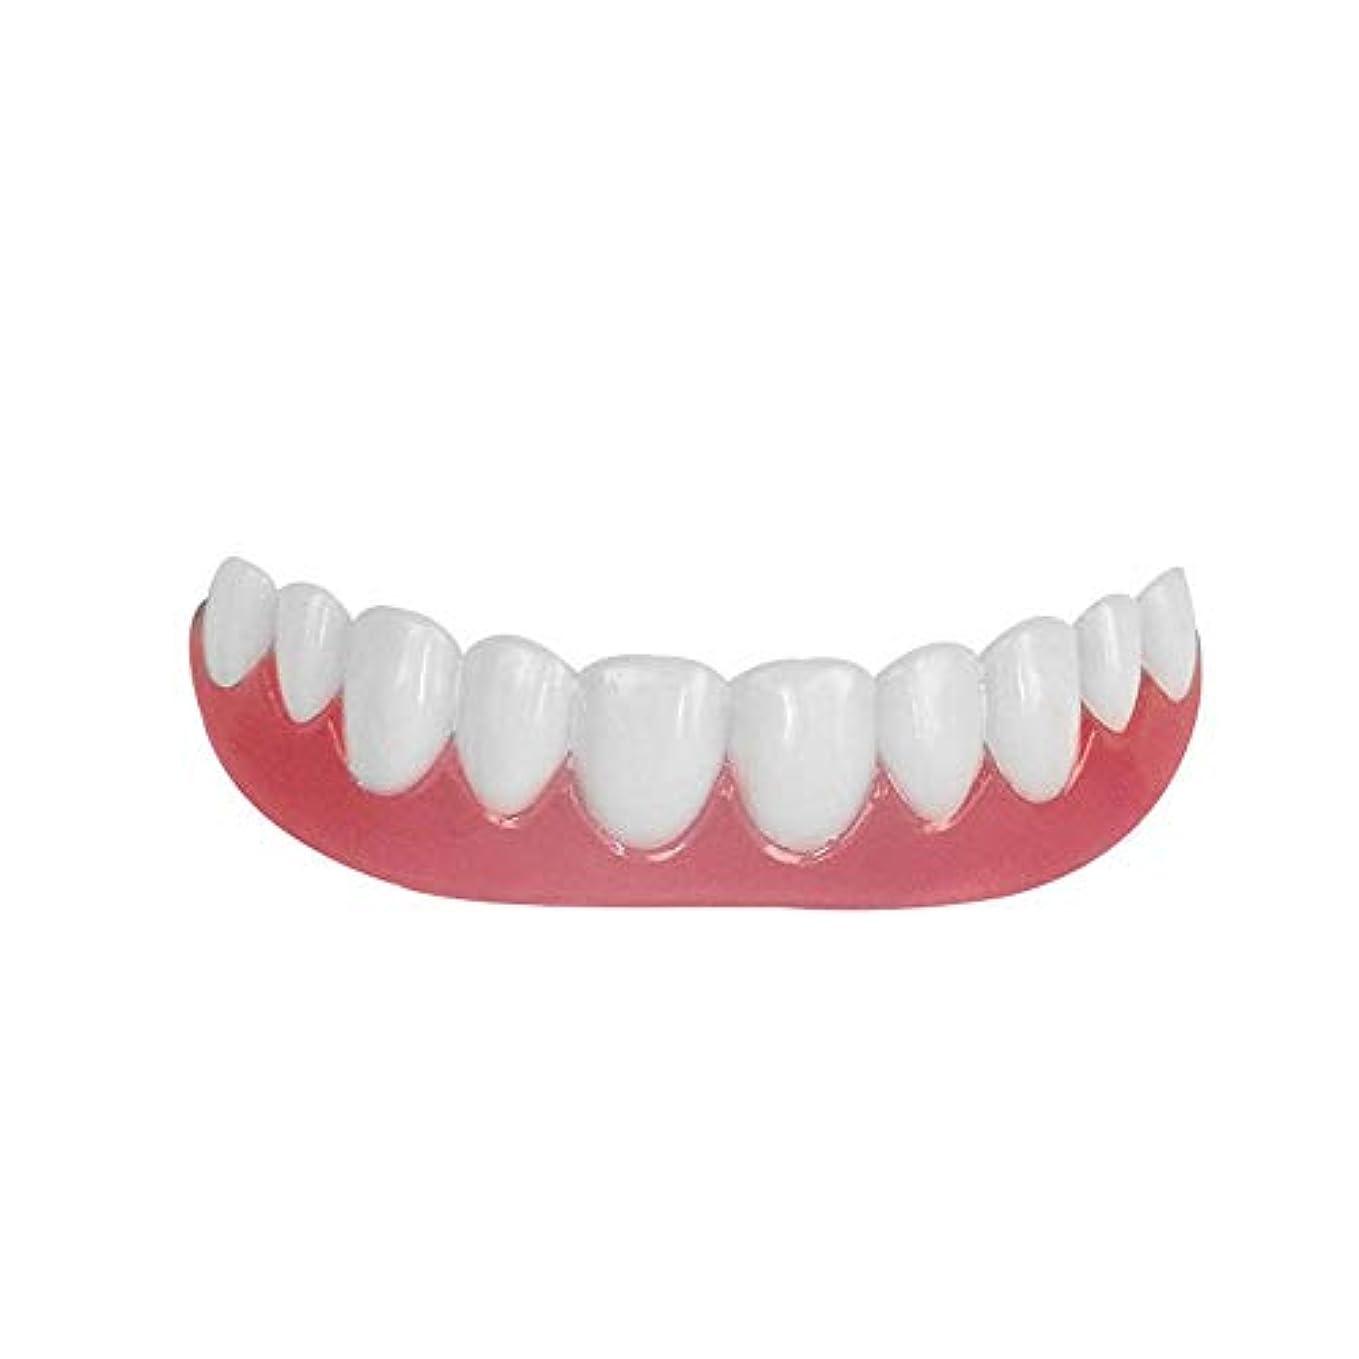 タップ符号夏シリコーン模擬歯上歯、ホワイトニングデンタルステッカー、歯ホワイトニングセット(3pcs),A